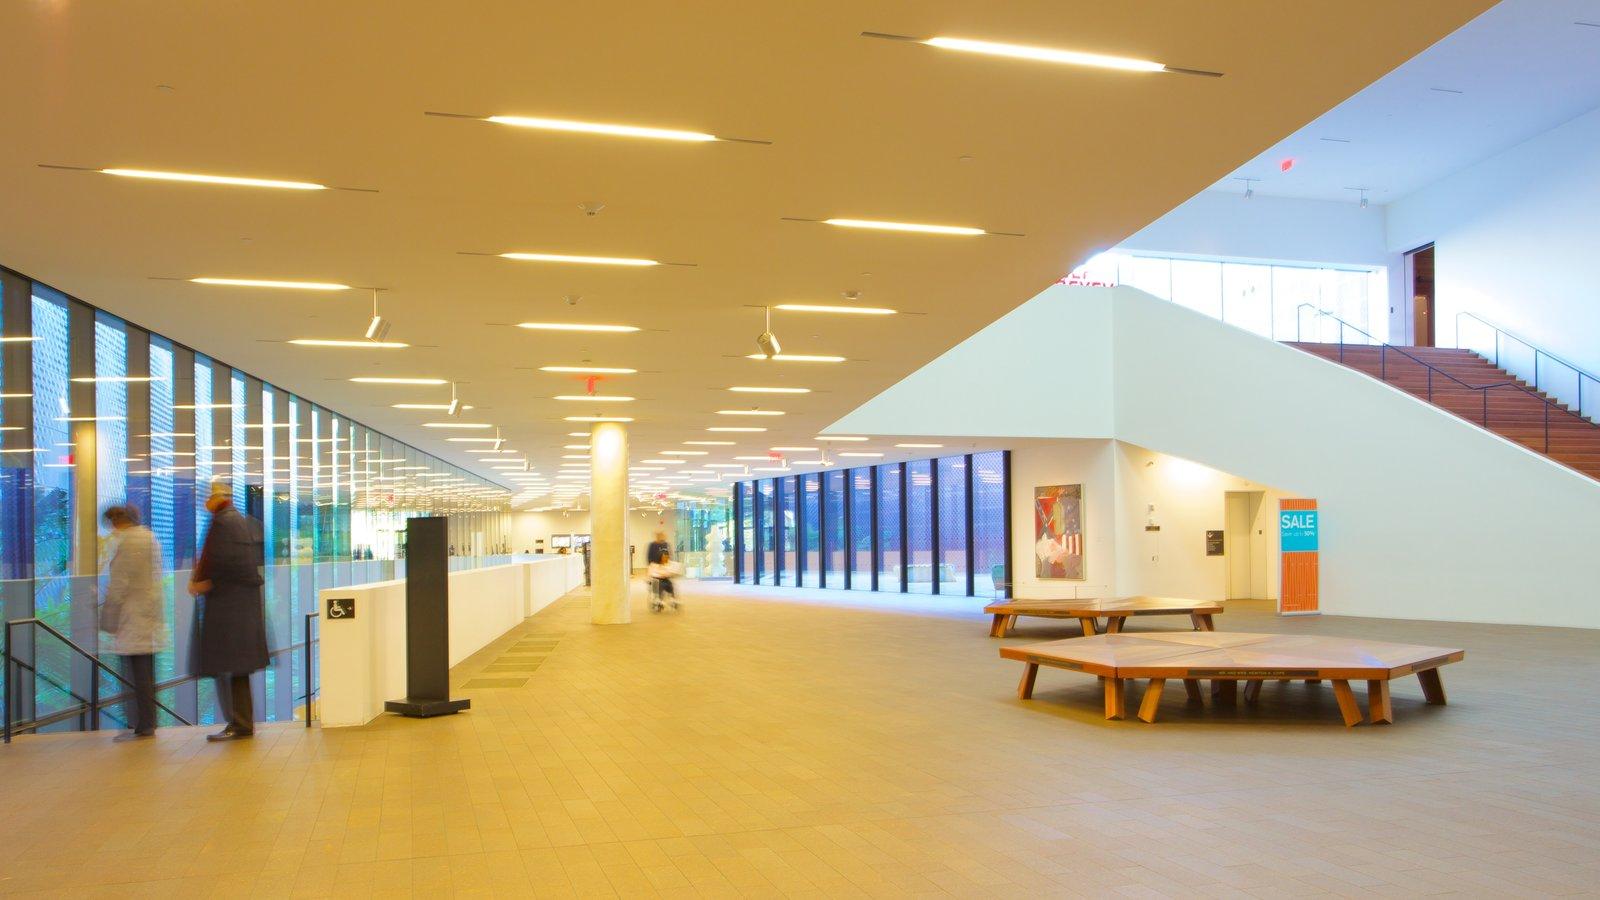 De Young Museum mostrando vistas internas e arte assim como um casal